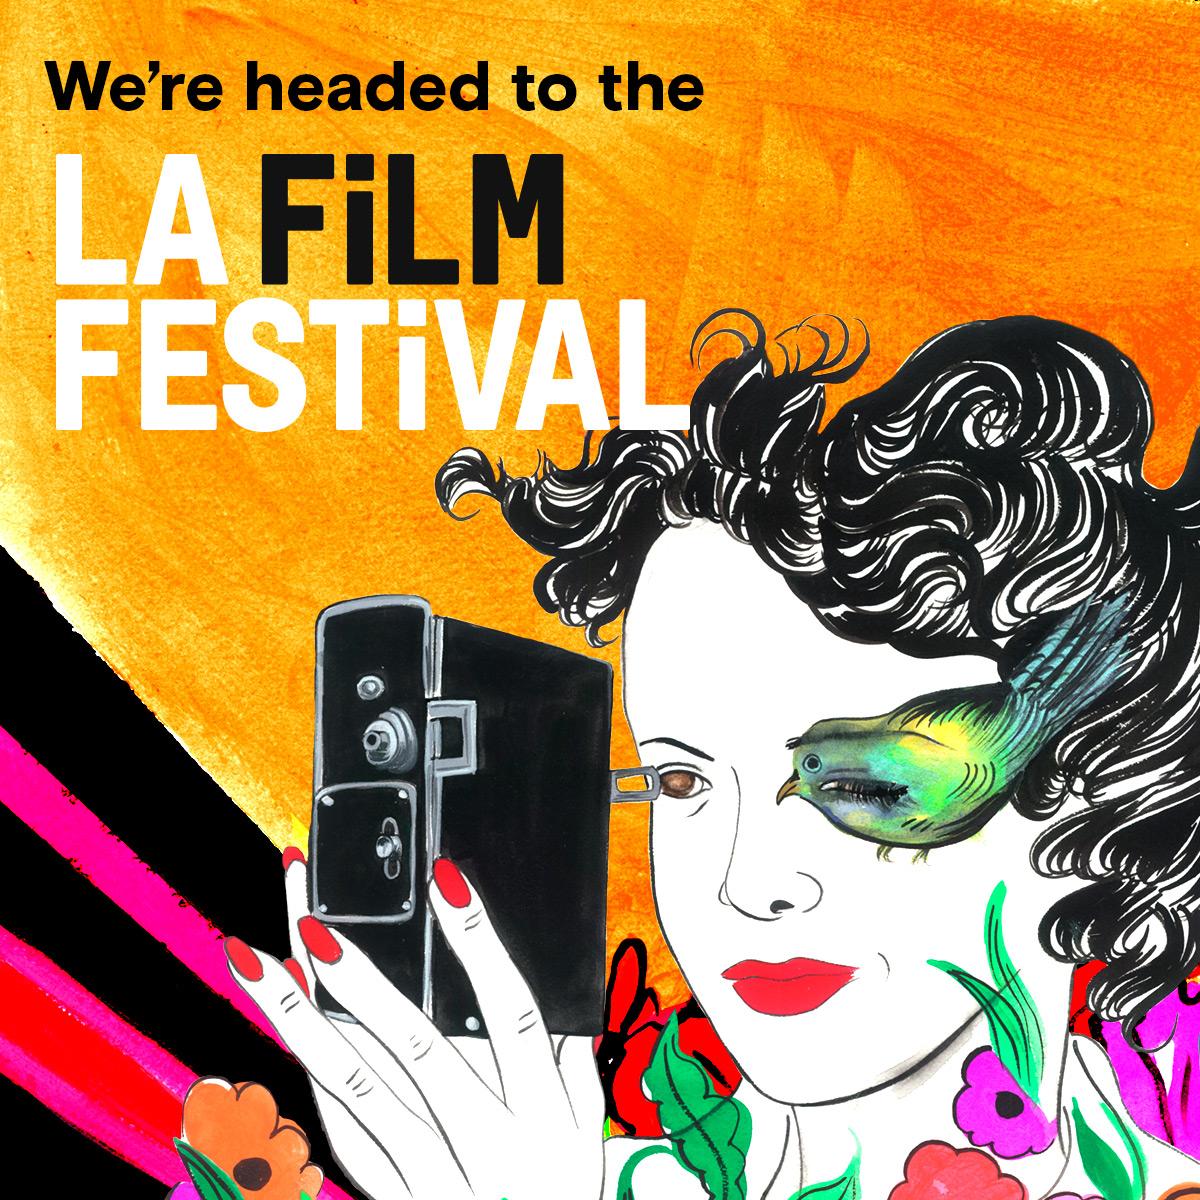 LAFF16 Filmmaker Announcement